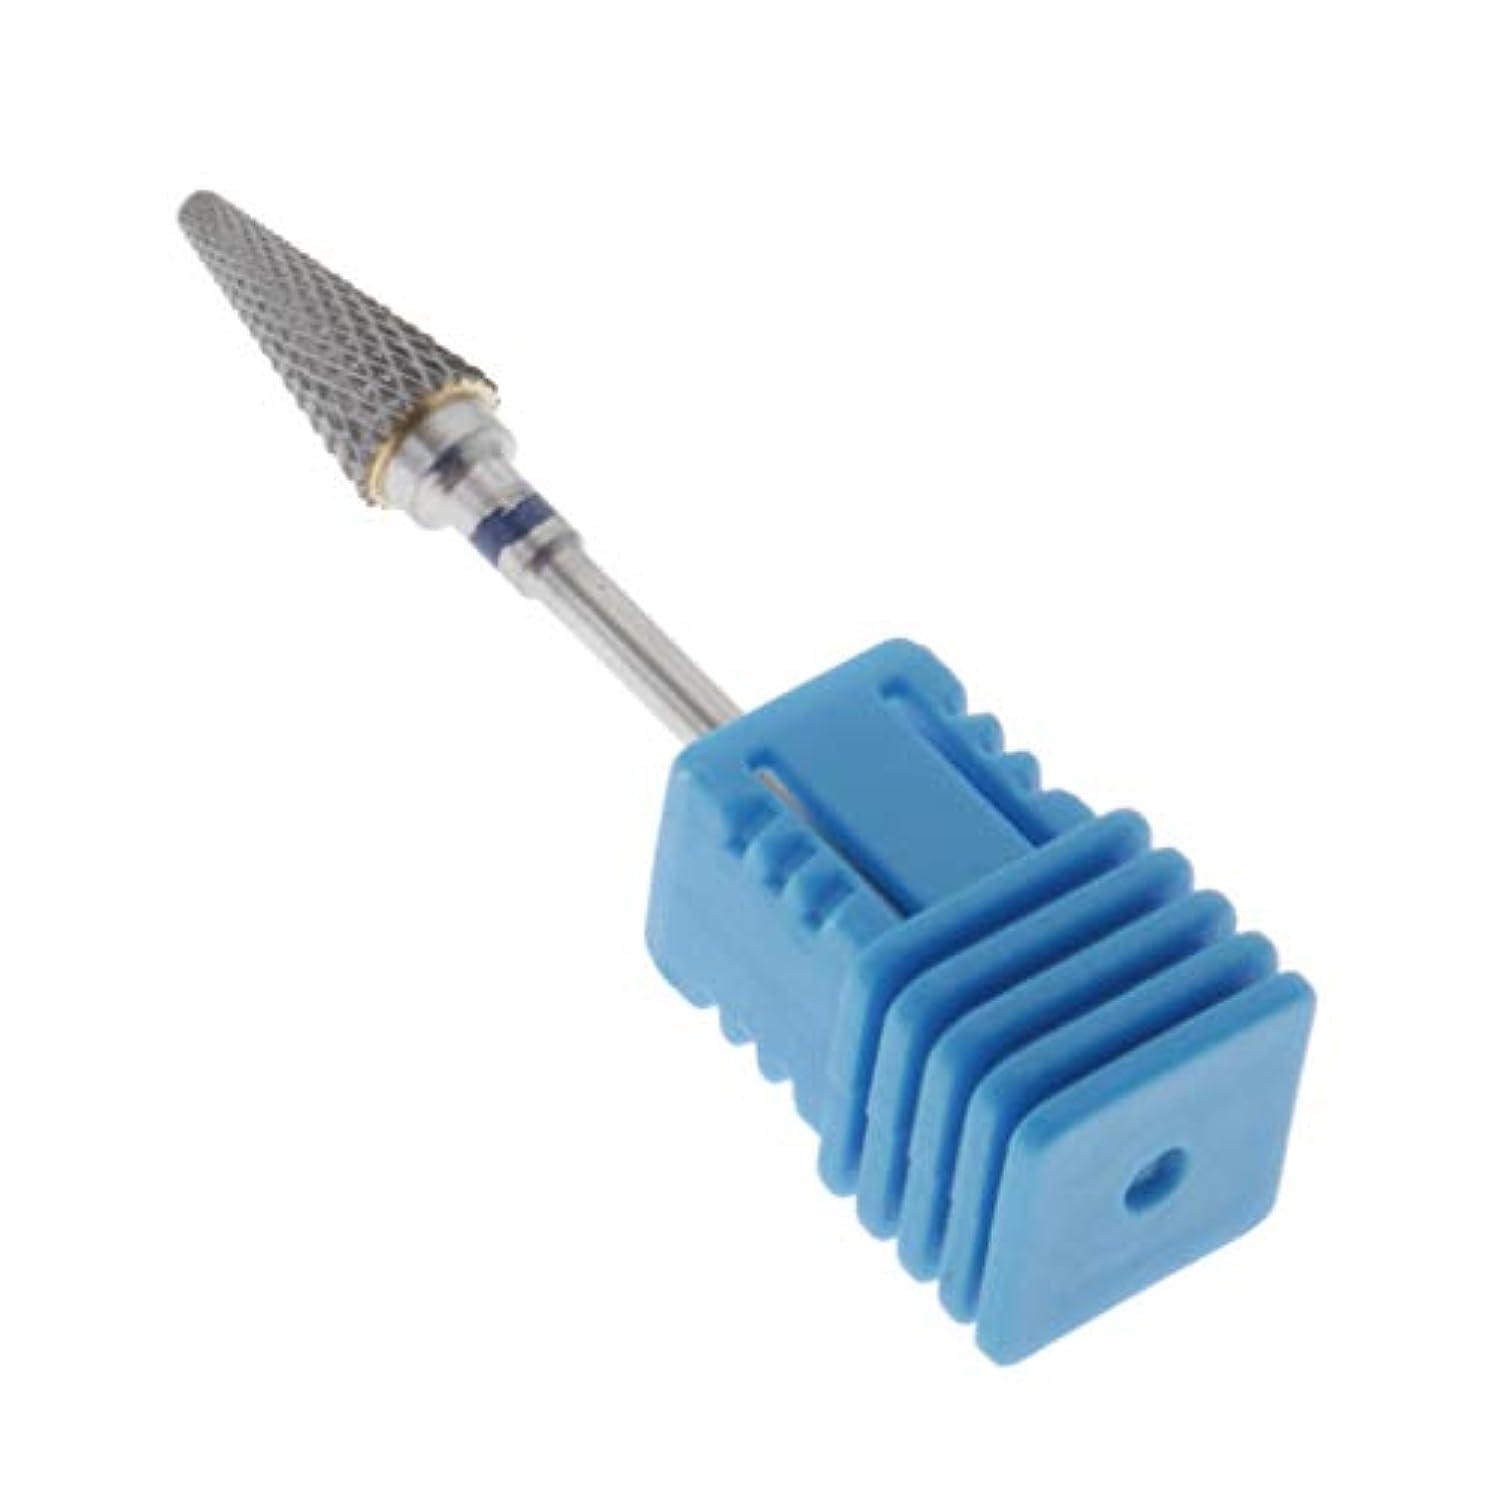 活性化ボリューム個人的にCUTICATE ネイルドリルビット ネイルズファイルビット ネイルファイル 爪磨き 爪やすり ジェルネイル用 全3カラー - 青